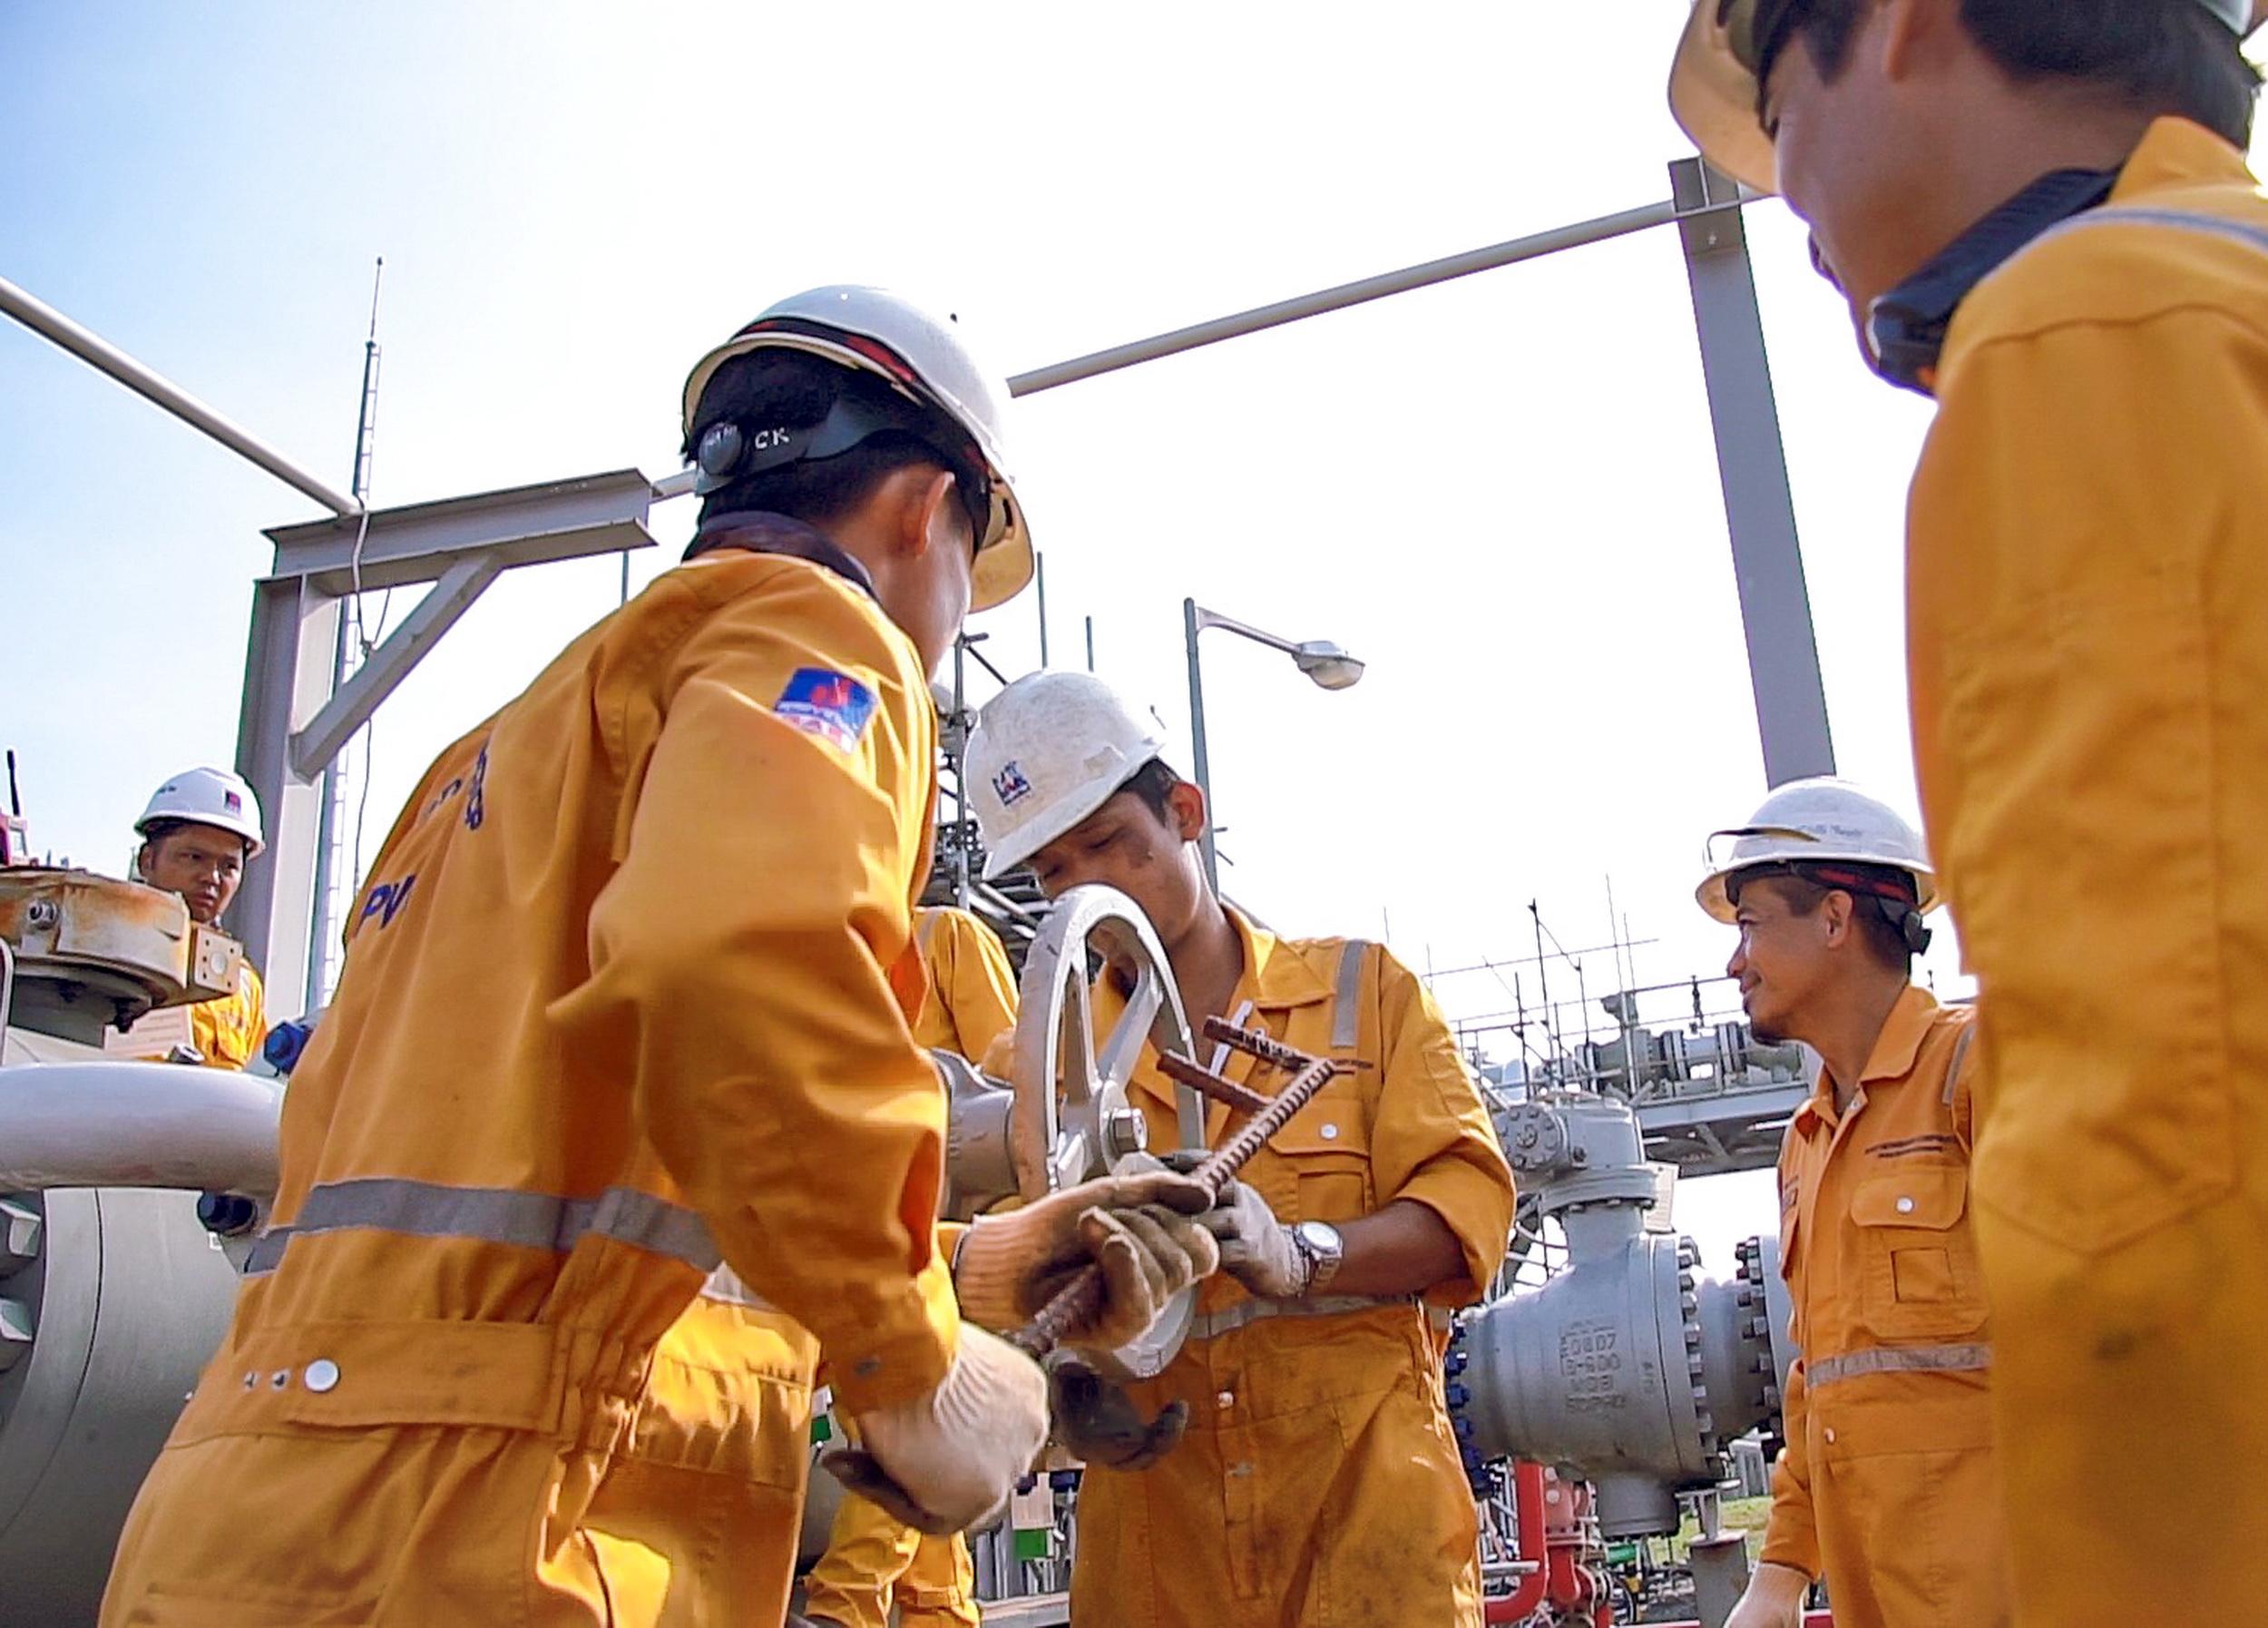 Công ty Chế biến Khí Vũng Tàu - KVT tuyển dụng 02 Kỹ sư cơ khí và 01 Kỹ sư điện